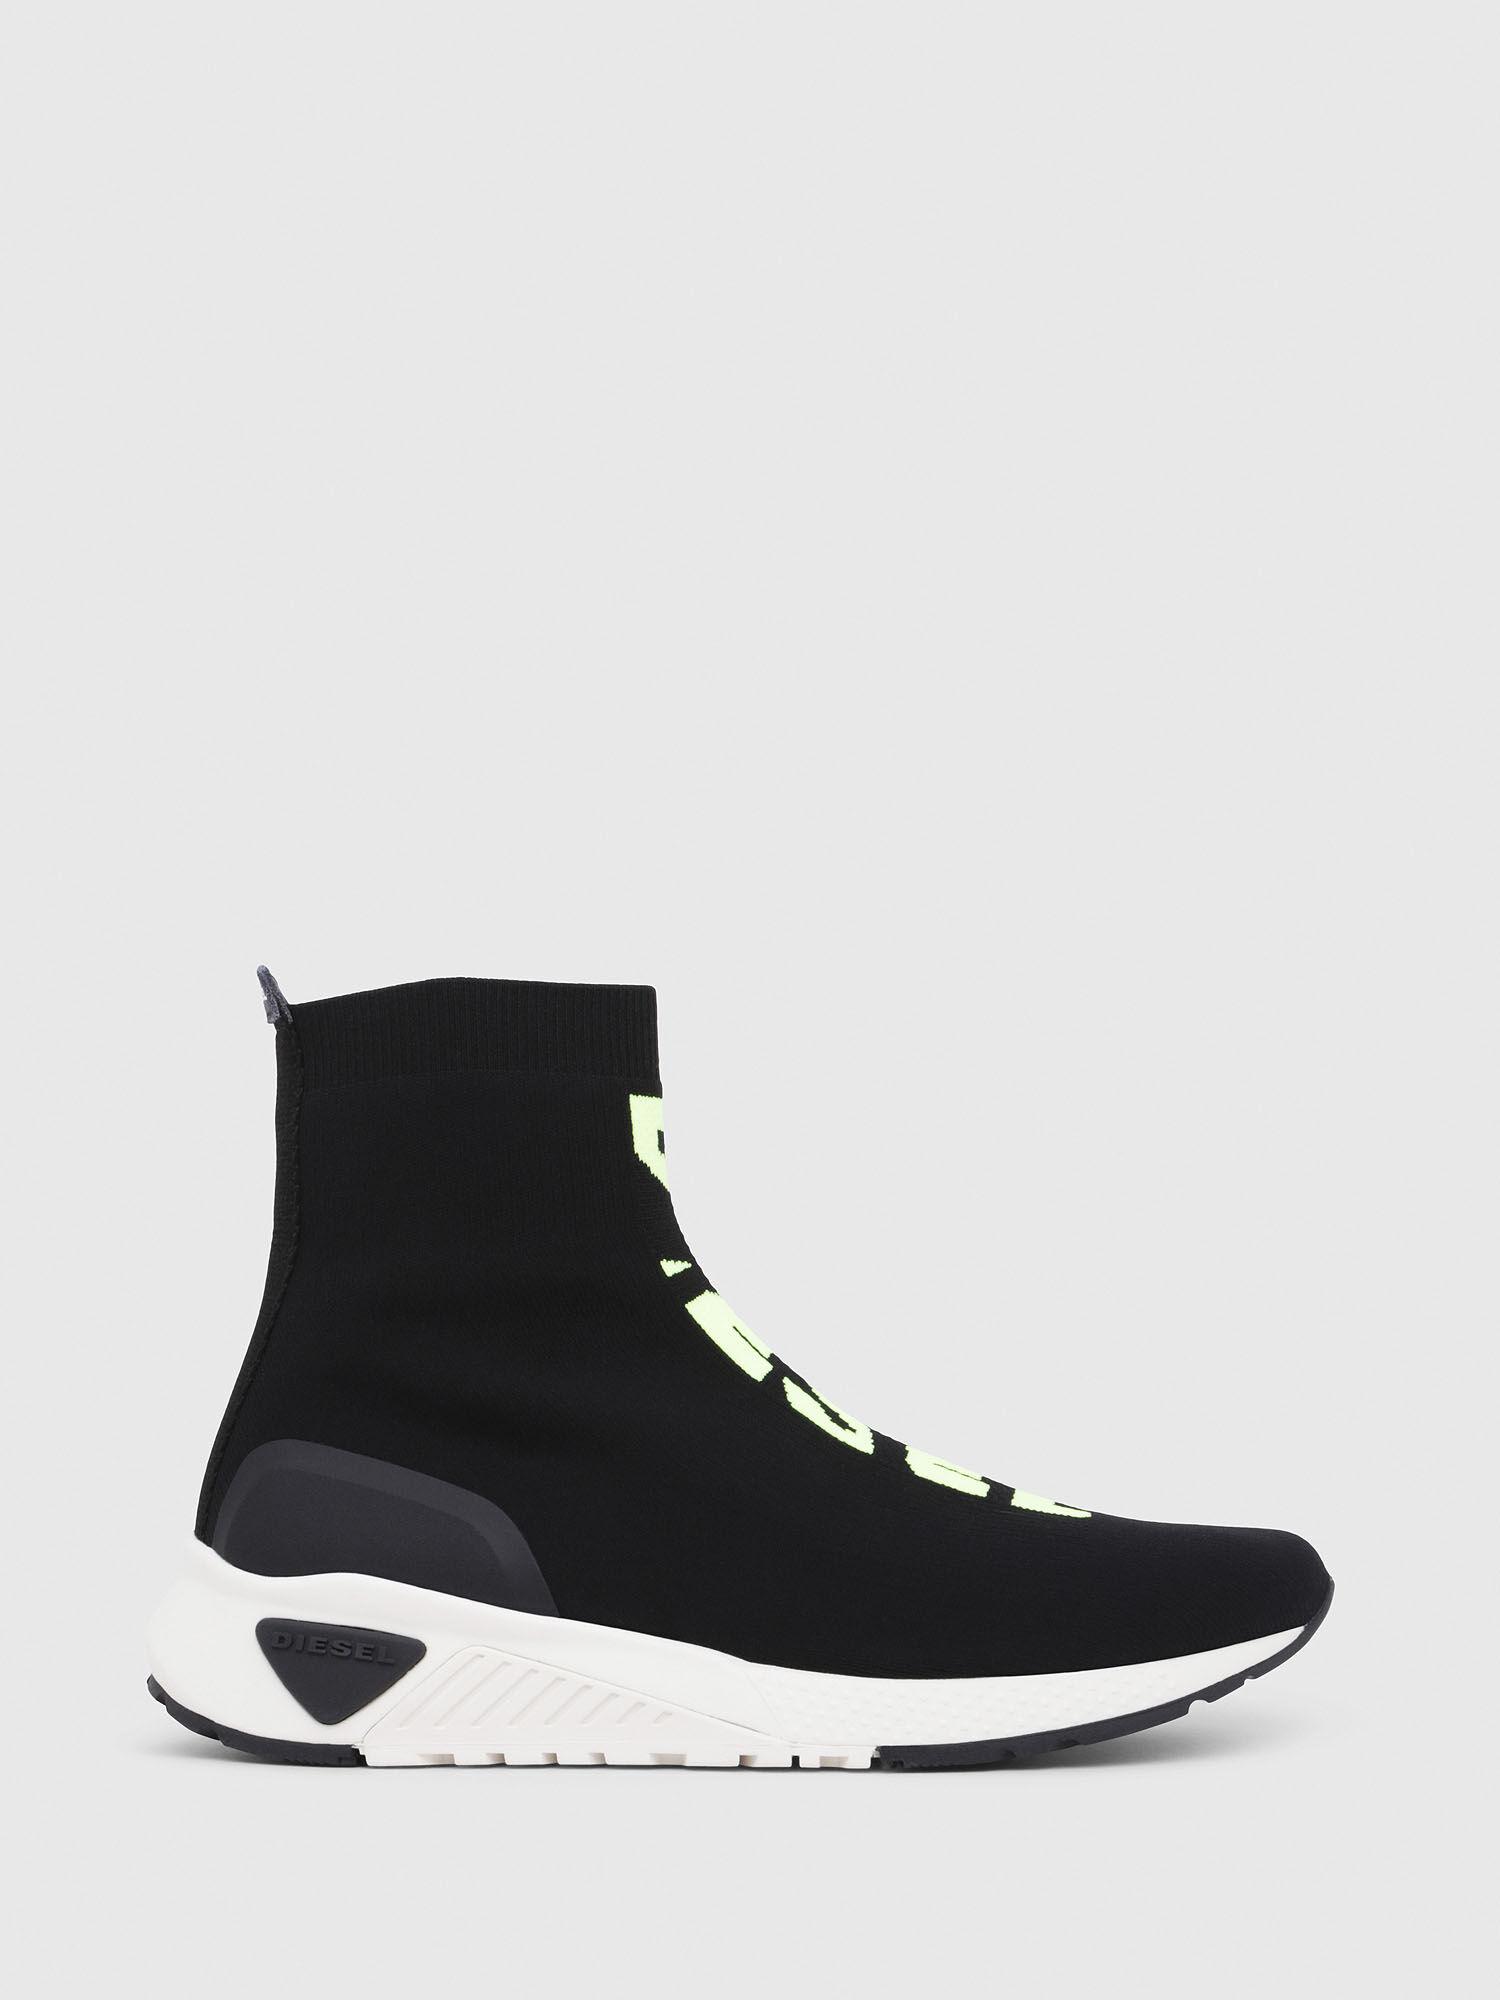 Diesel S-KB Mid Athletic Sock Mid Top Sock Sneakers with Logo Y01954-P2177